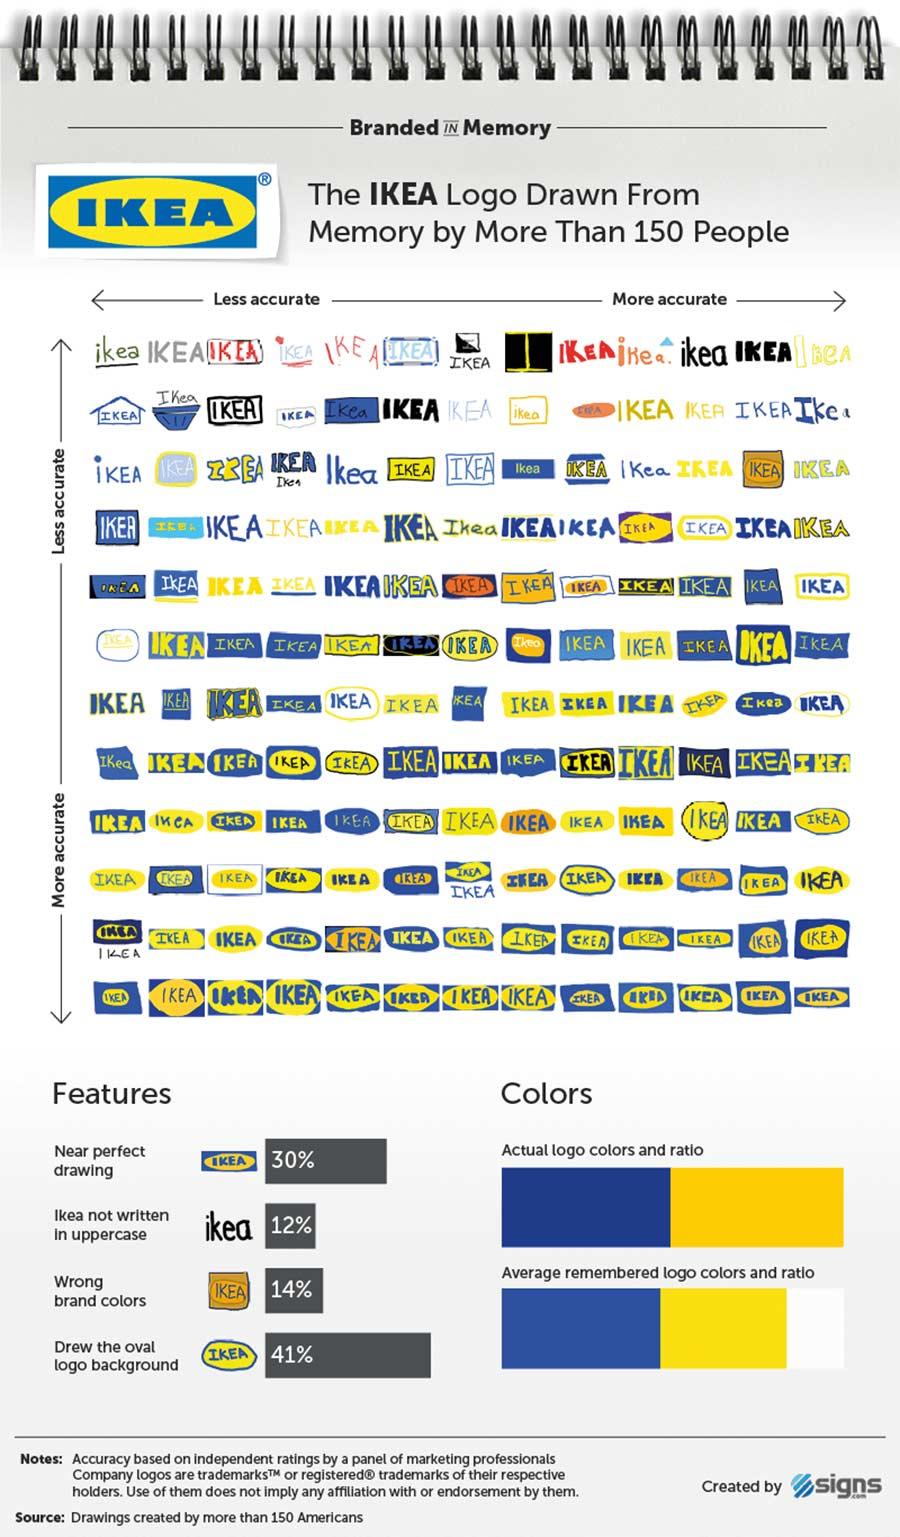 Wenn 156 Leute versuchen, Logos zu malen branded-in-memory-markenlogos-nachgemalt_11